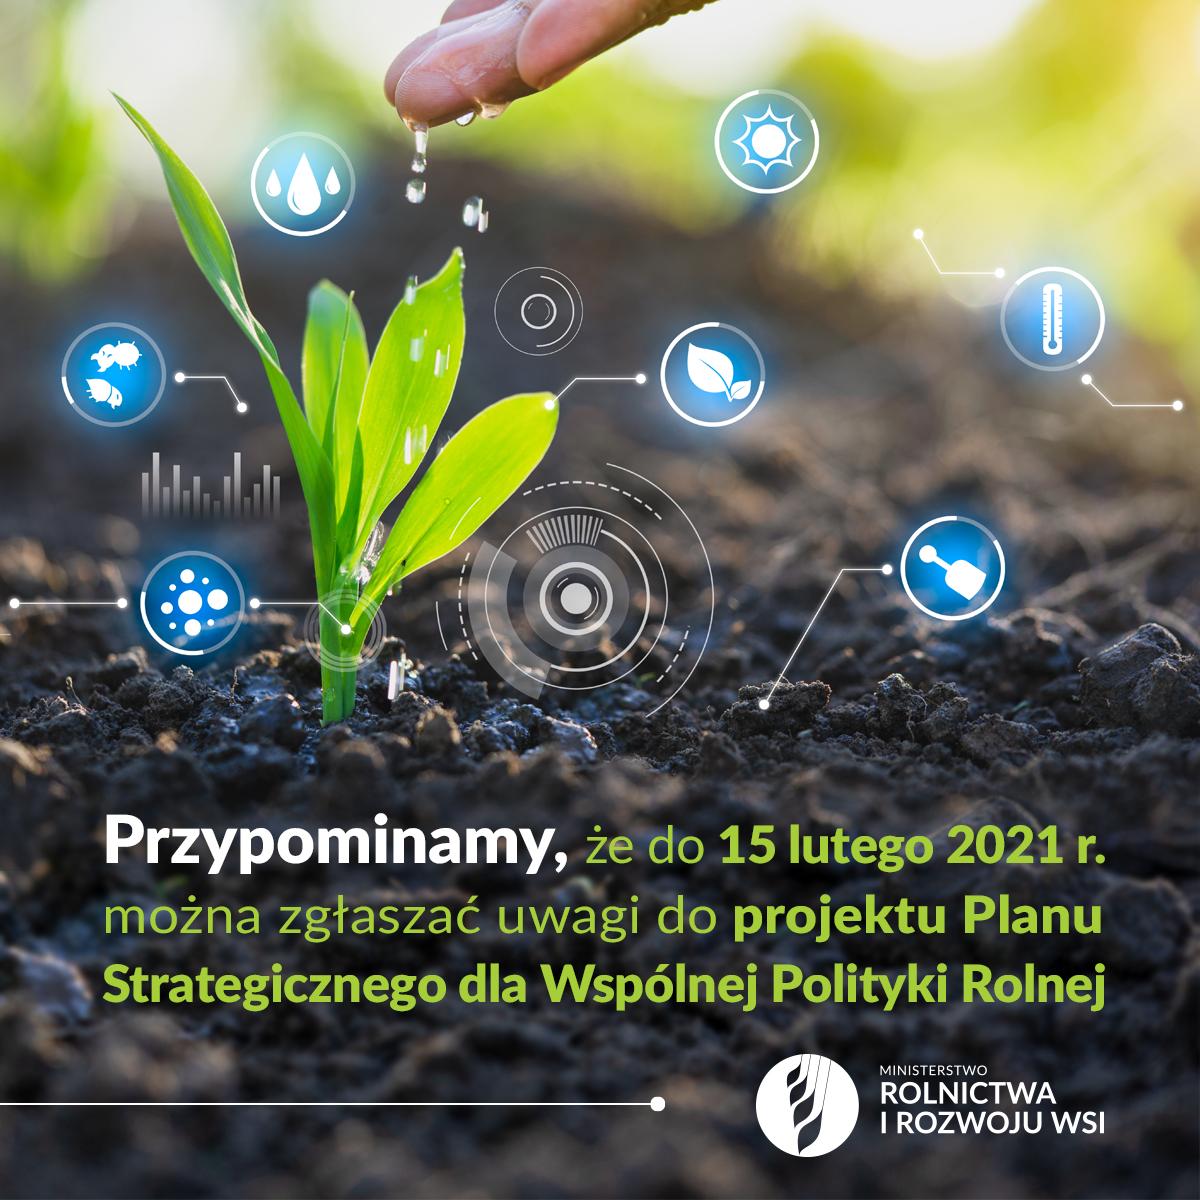 MRiRW: Konsultacje społeczne Planu Strategicznego nowej WPR do 15 lutego